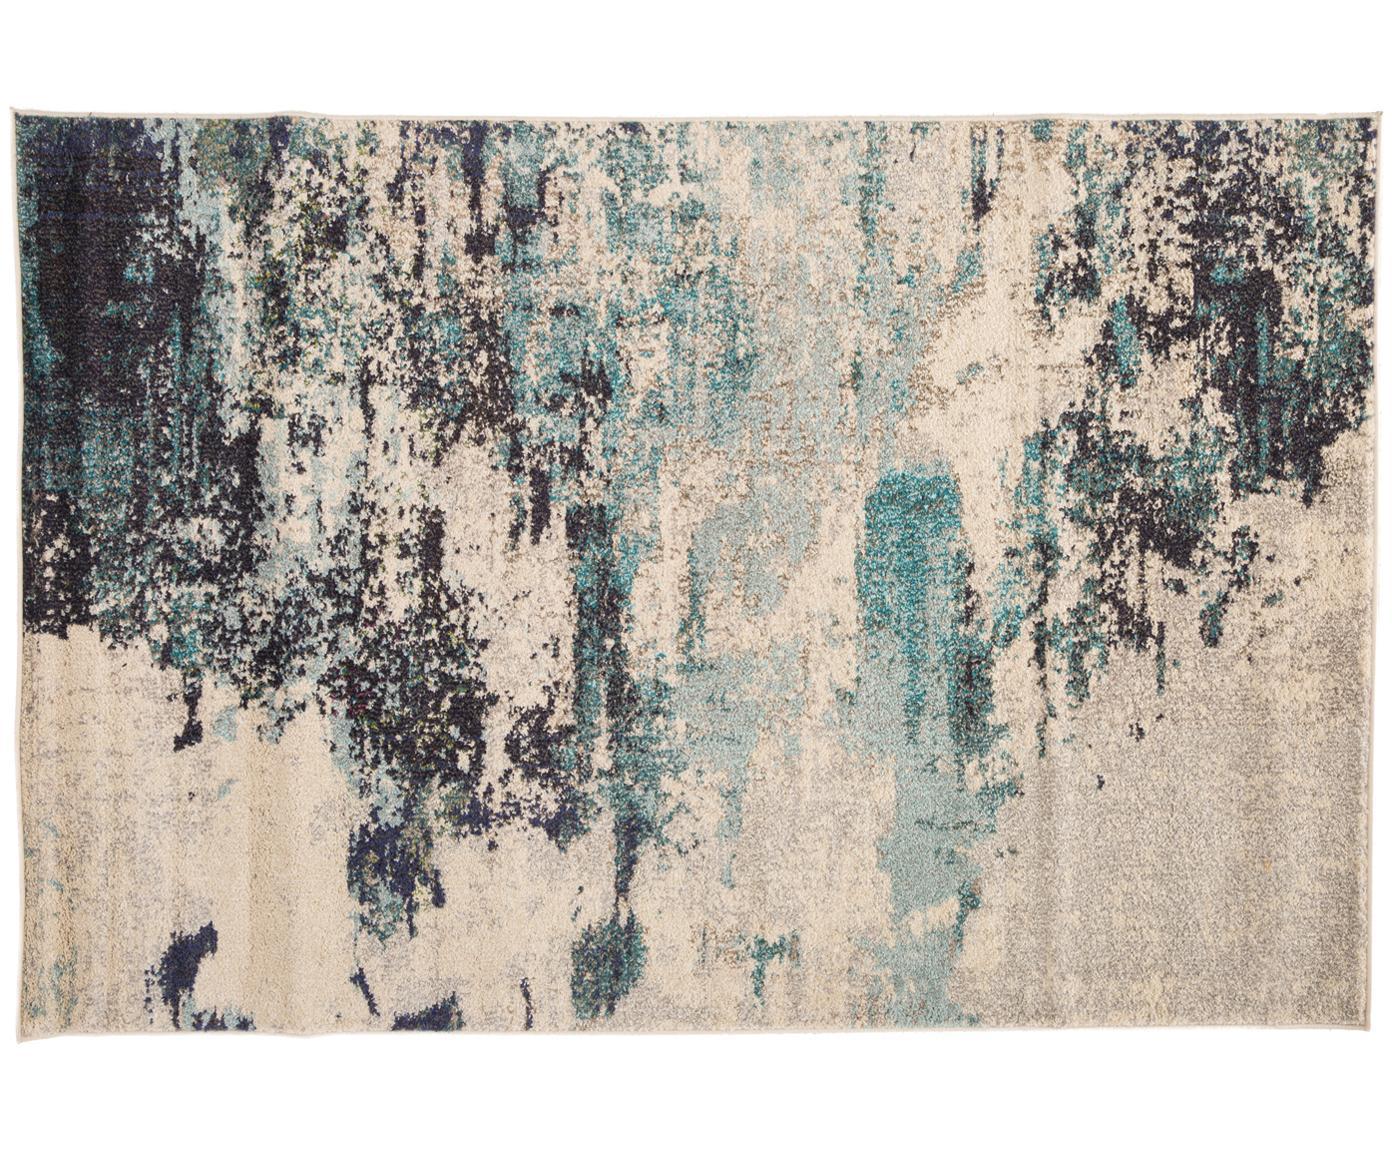 Tappeto fantasia a pelo corto blu-crema Celestial, Retro: juta, Avorio, tonalità blu, Larg. 120 x Lung. 180 cm (taglia S)